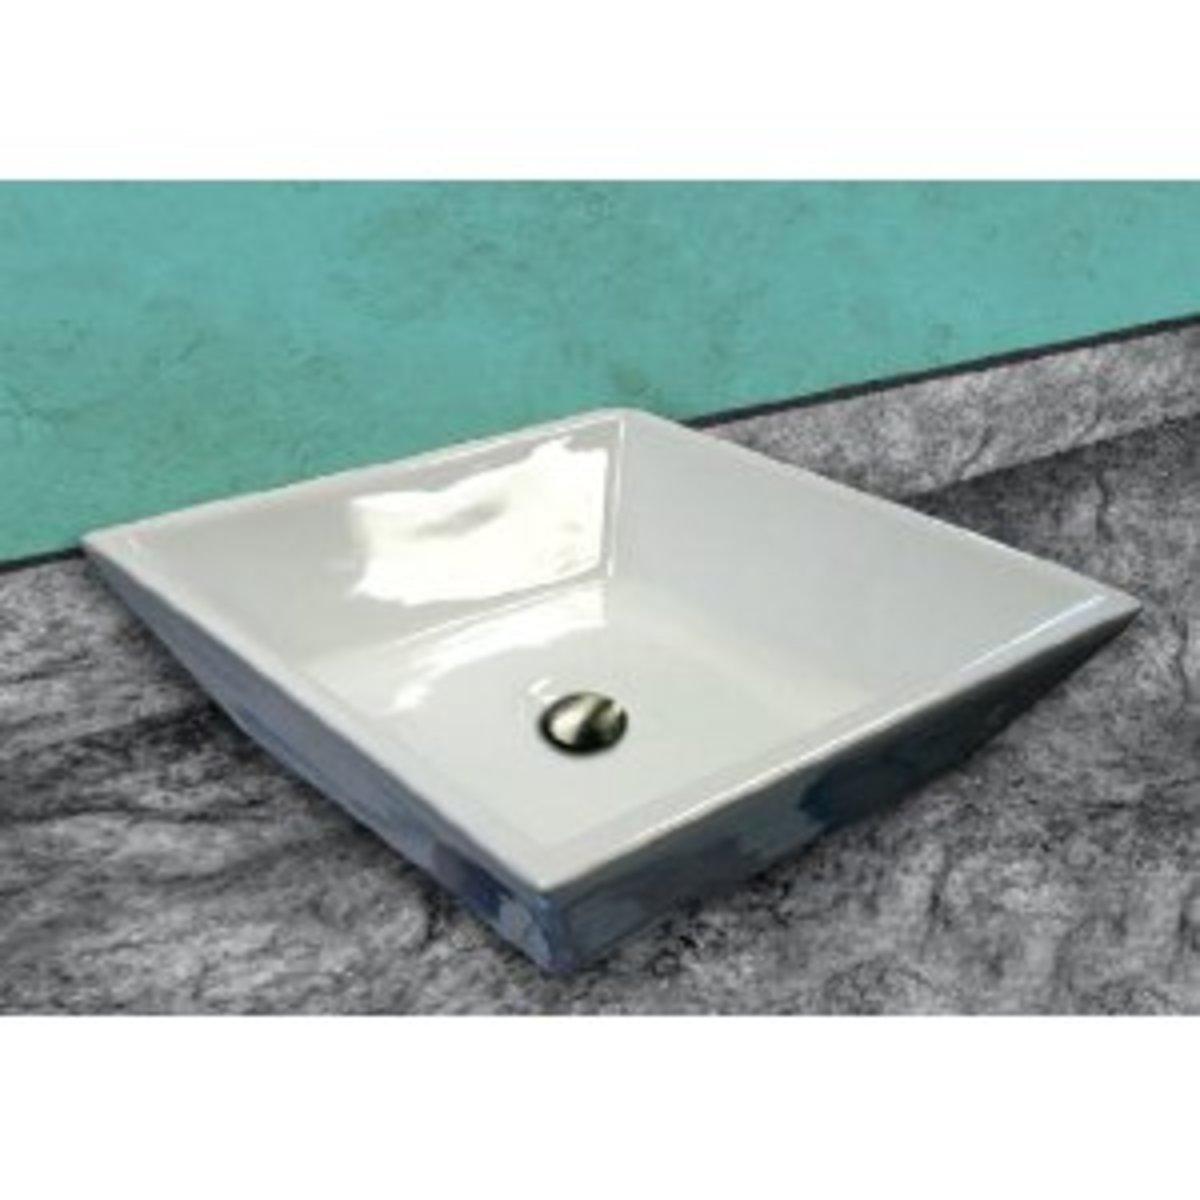 A contemporary bathroom sink